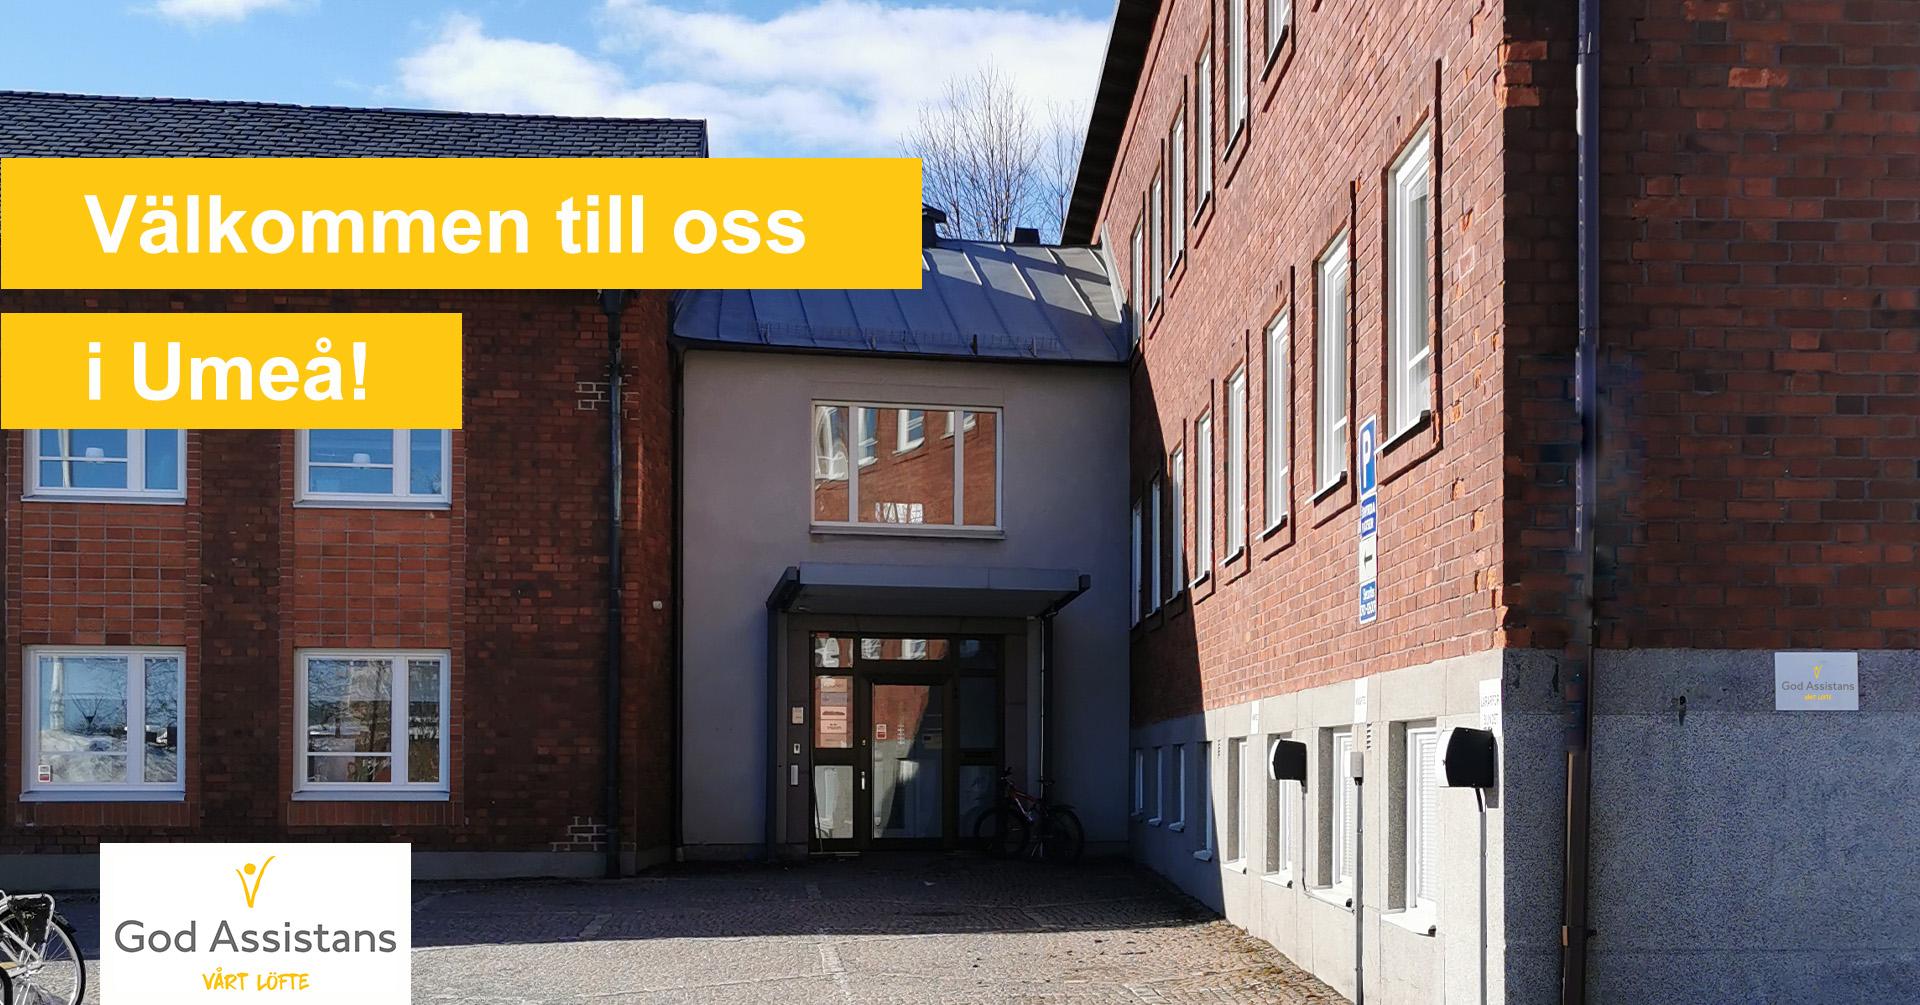 God Assistans kontor i Umeå